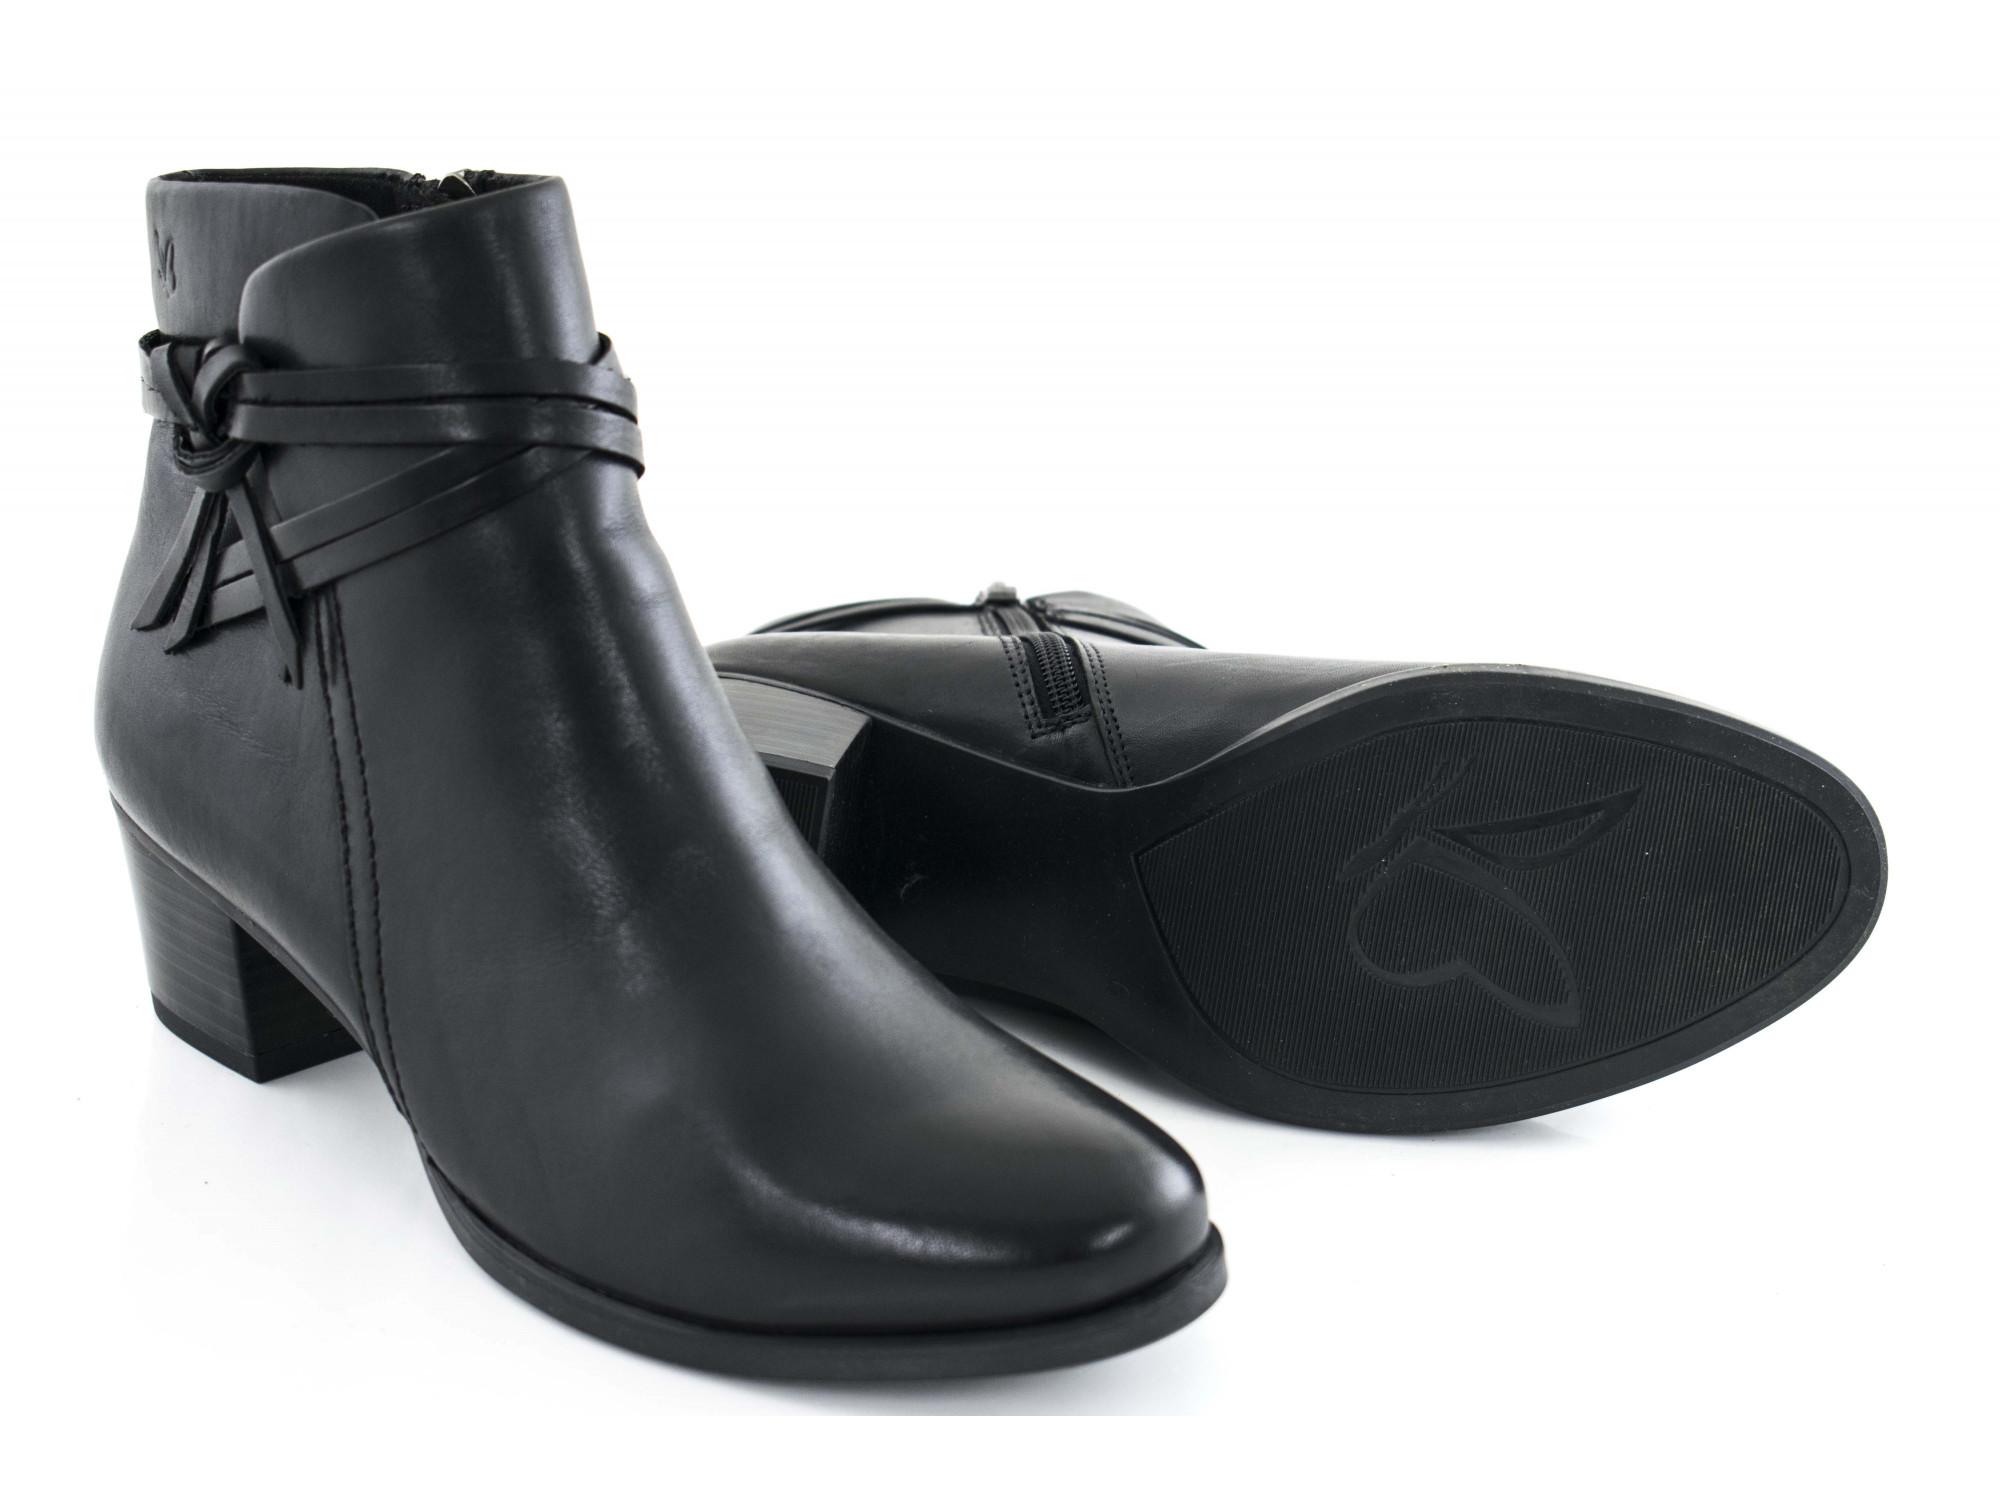 Ботинки Caprice 9-25359-23-022